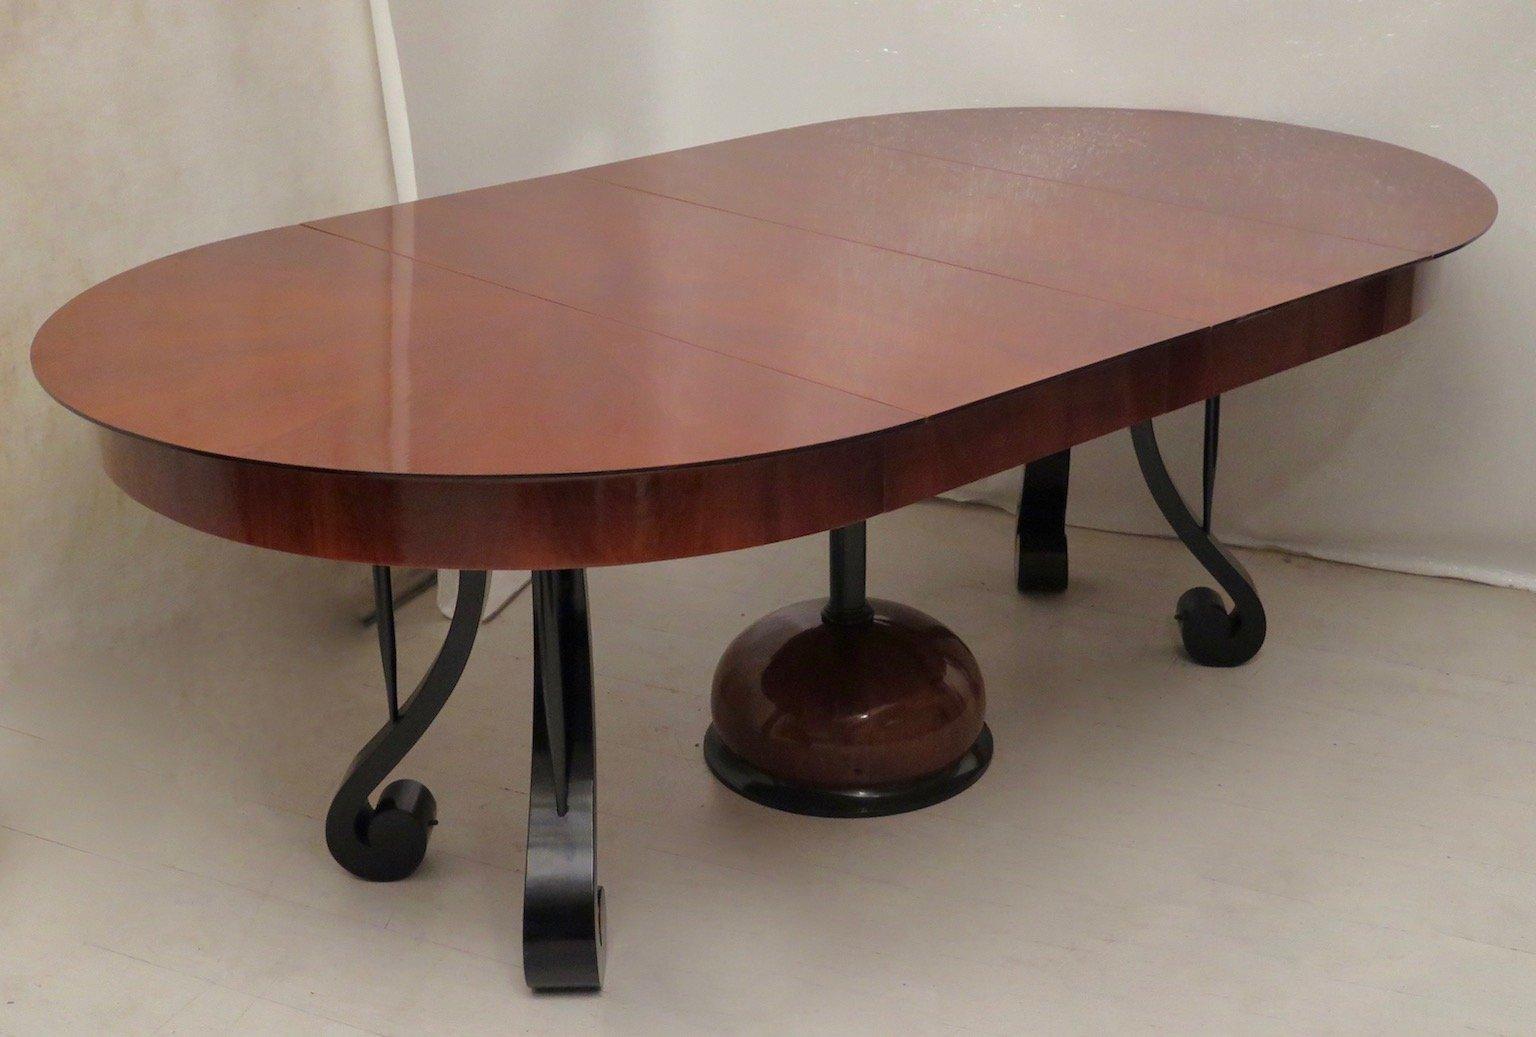 runder ausziehbarer biedermeier kirschholz esstisch 1820er bei pamono kaufen. Black Bedroom Furniture Sets. Home Design Ideas